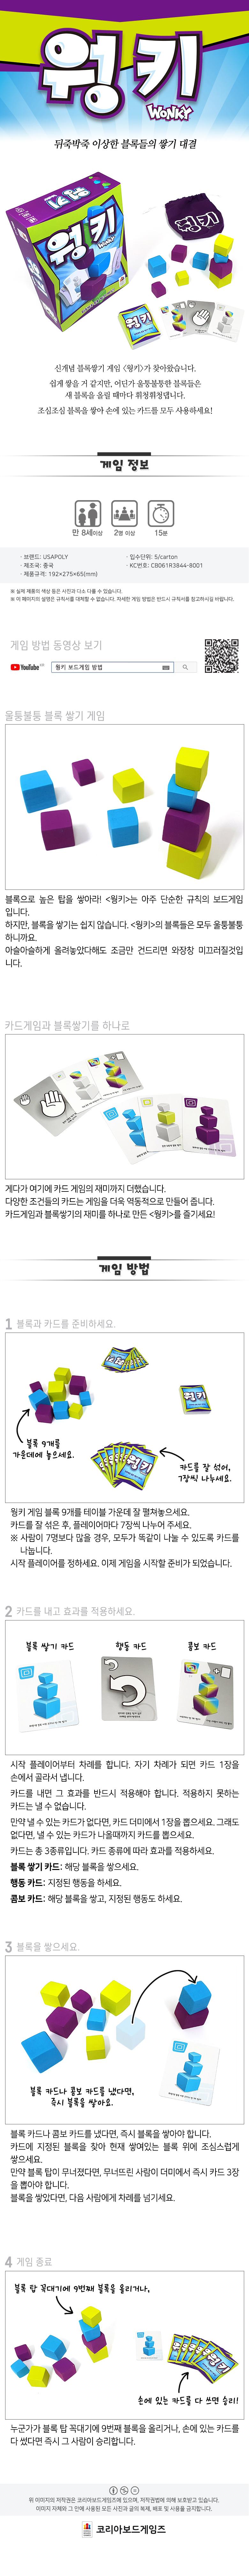 웡키/보드게임 - 코리아보드게임즈, 22,200원, 보드게임, 두뇌 게임